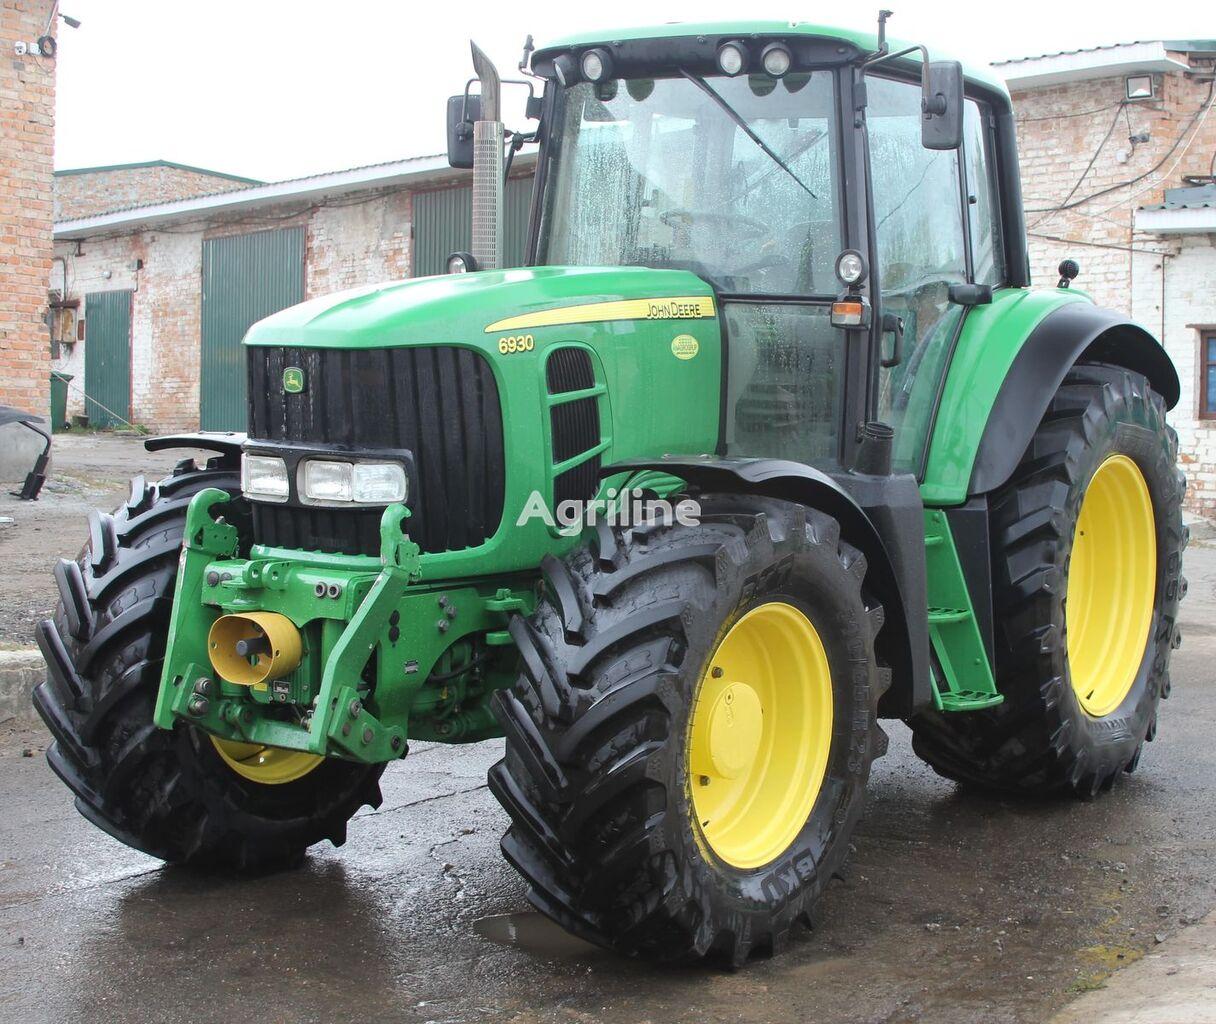 JOHN DEERE 6930 wheel tractor